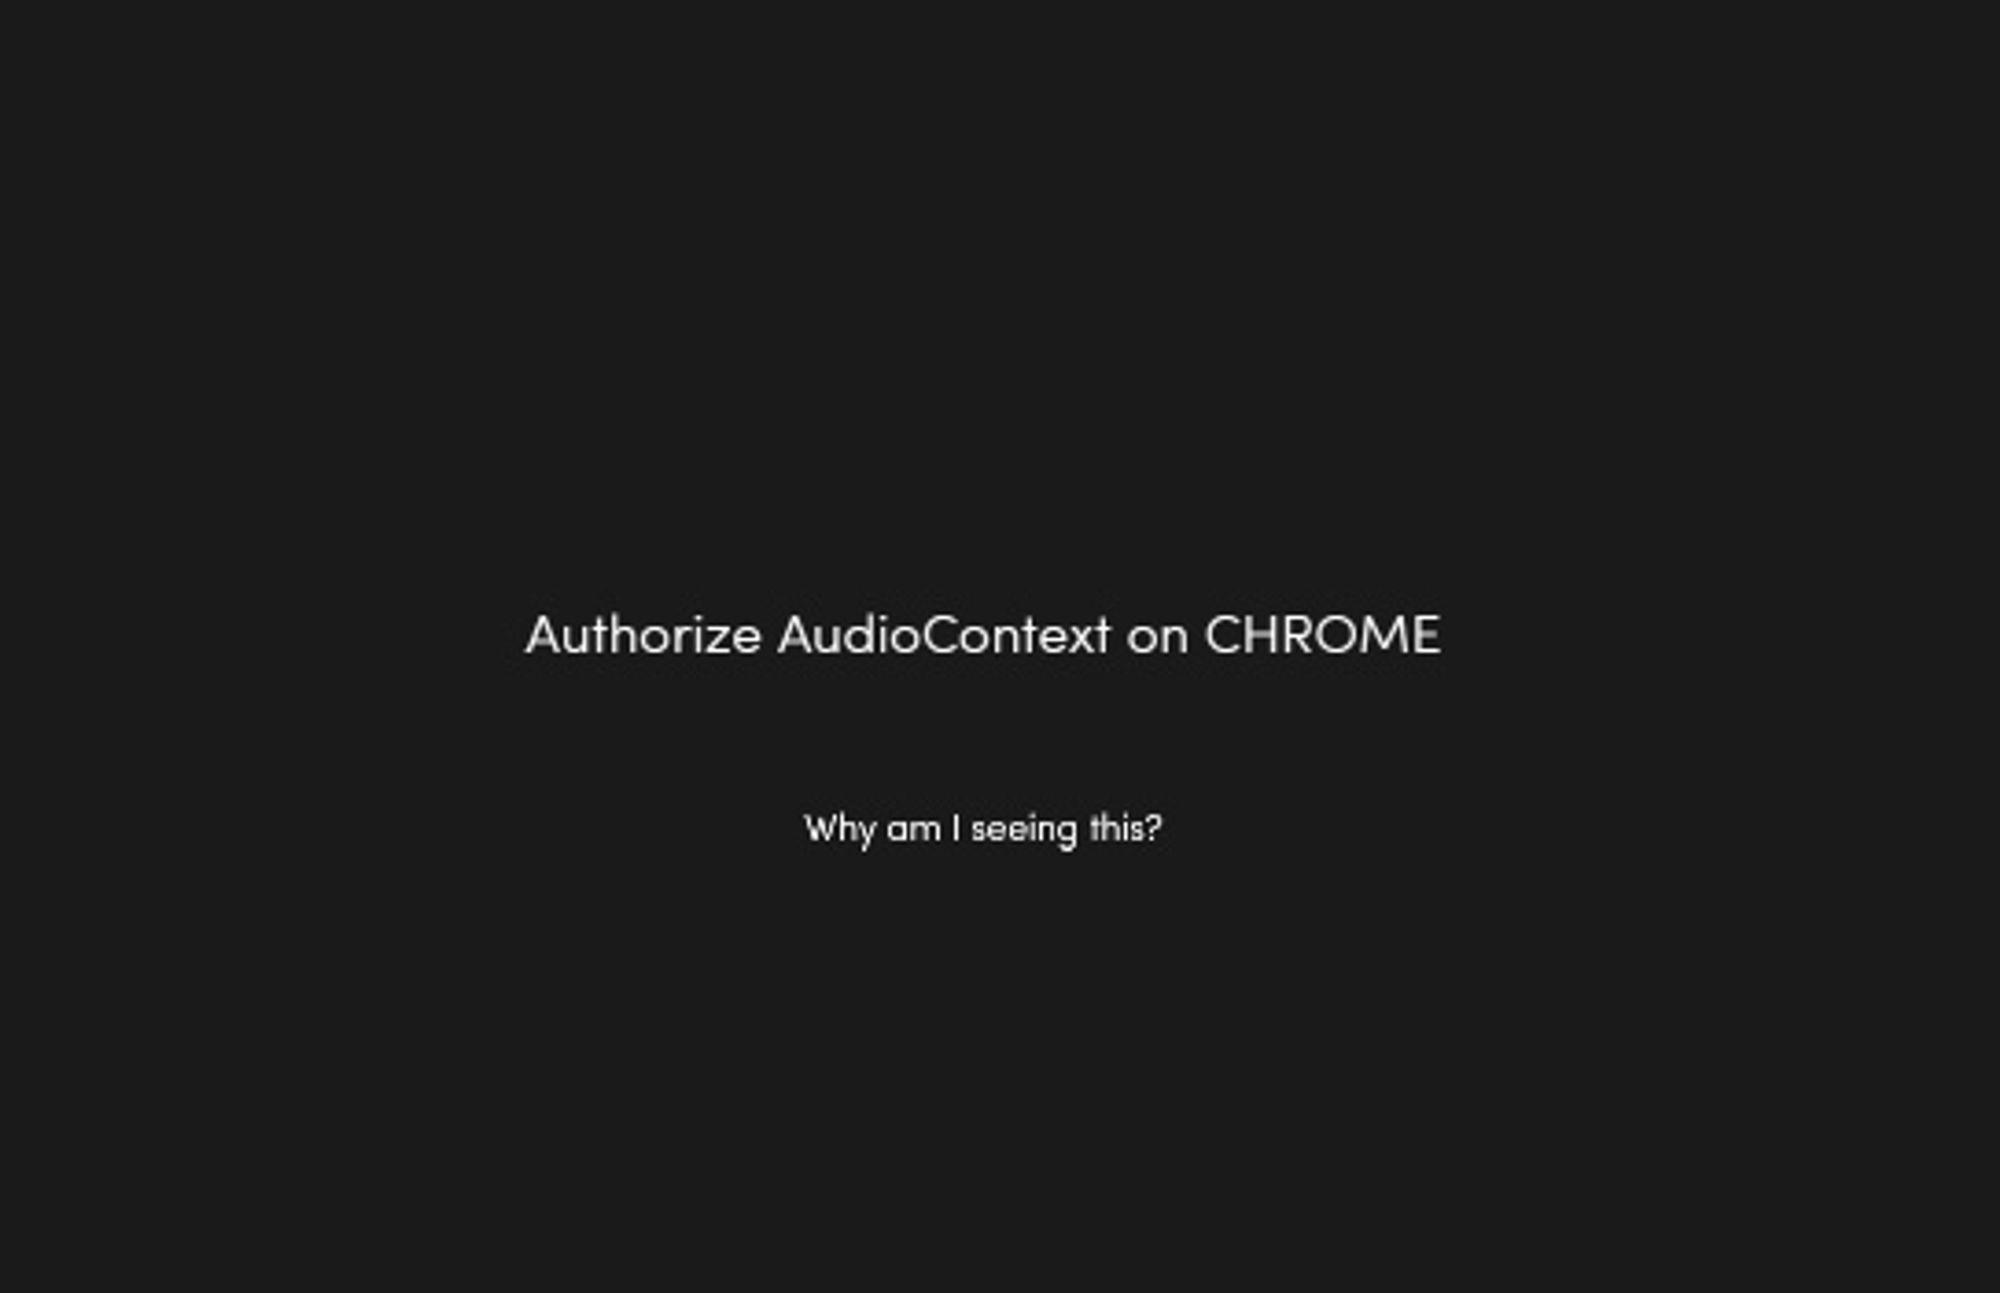 Brukerne må i mange tilfeller godkjenne at webapper får tilgang til å spille av lyd i Chrome 66.